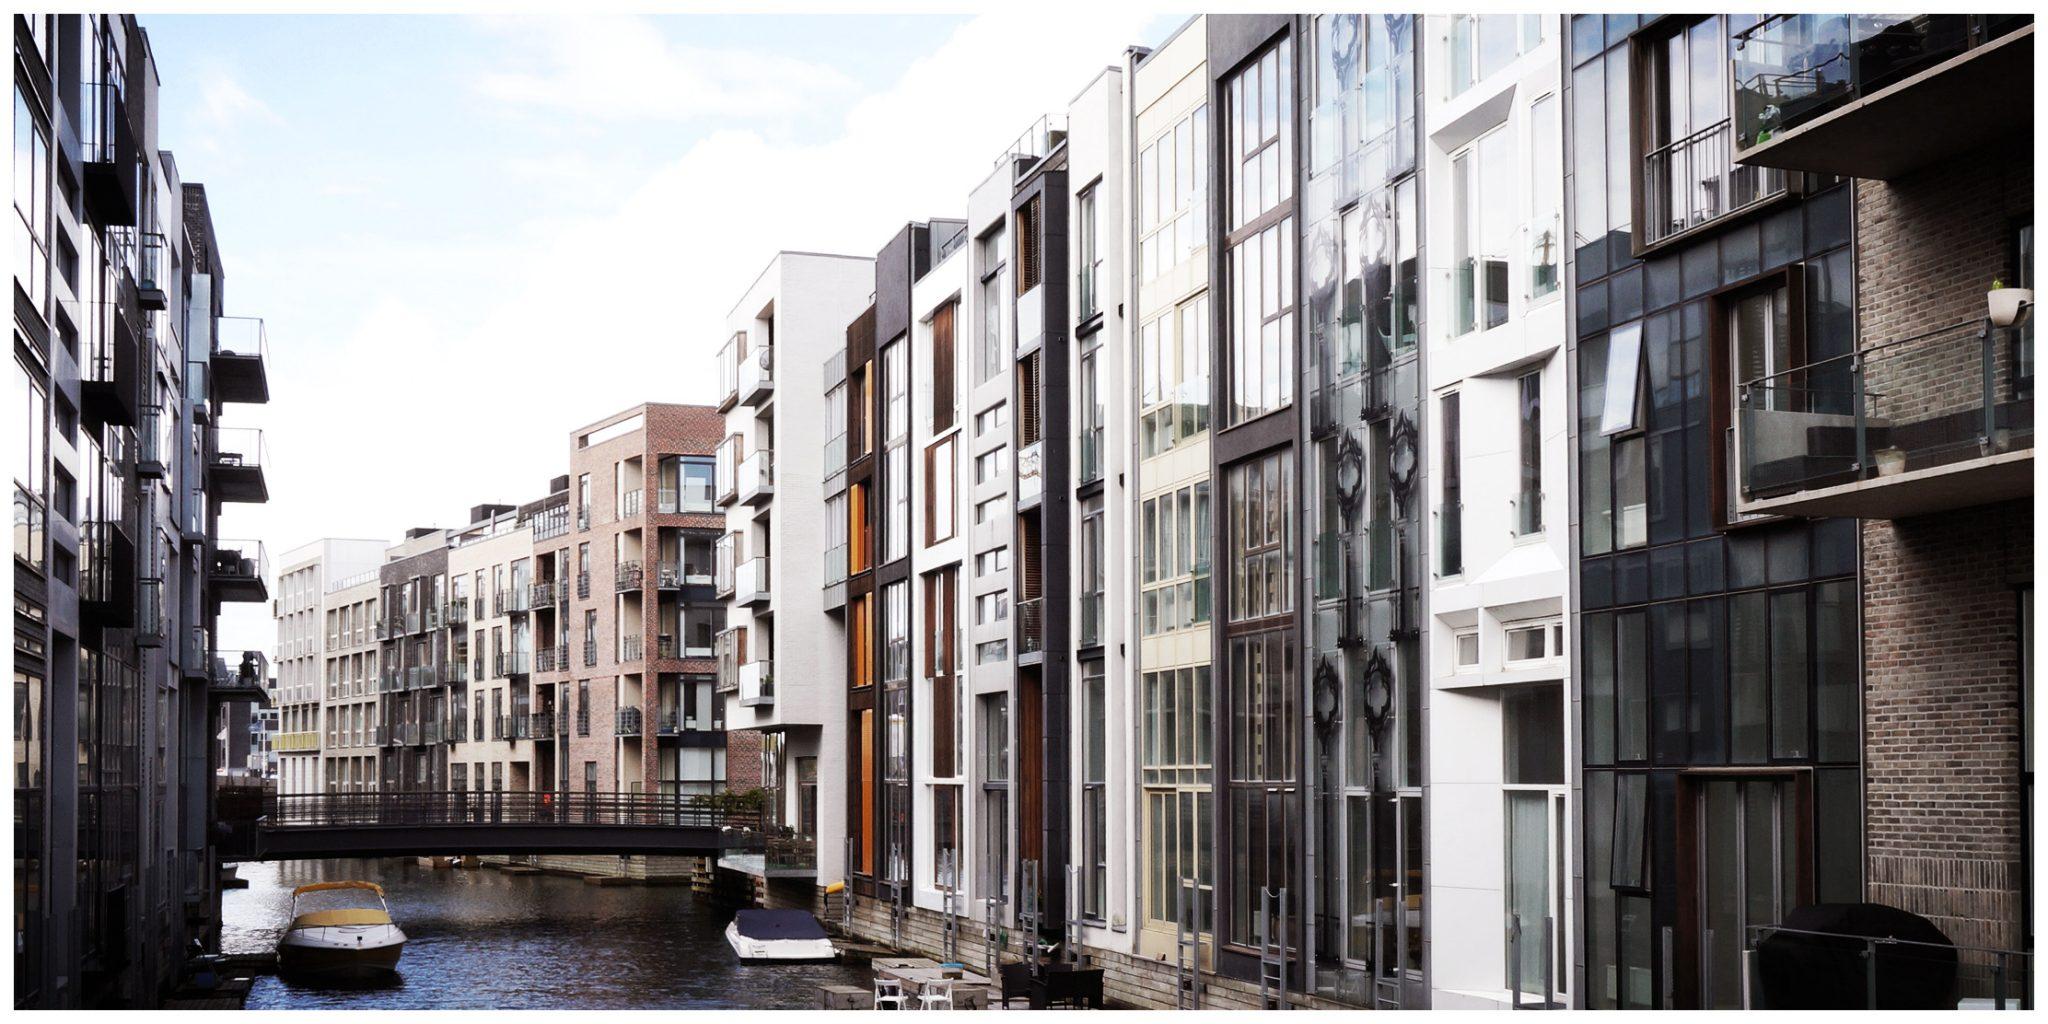 Sluseholmen 2hplus x1 - Kopenhaga - Architour